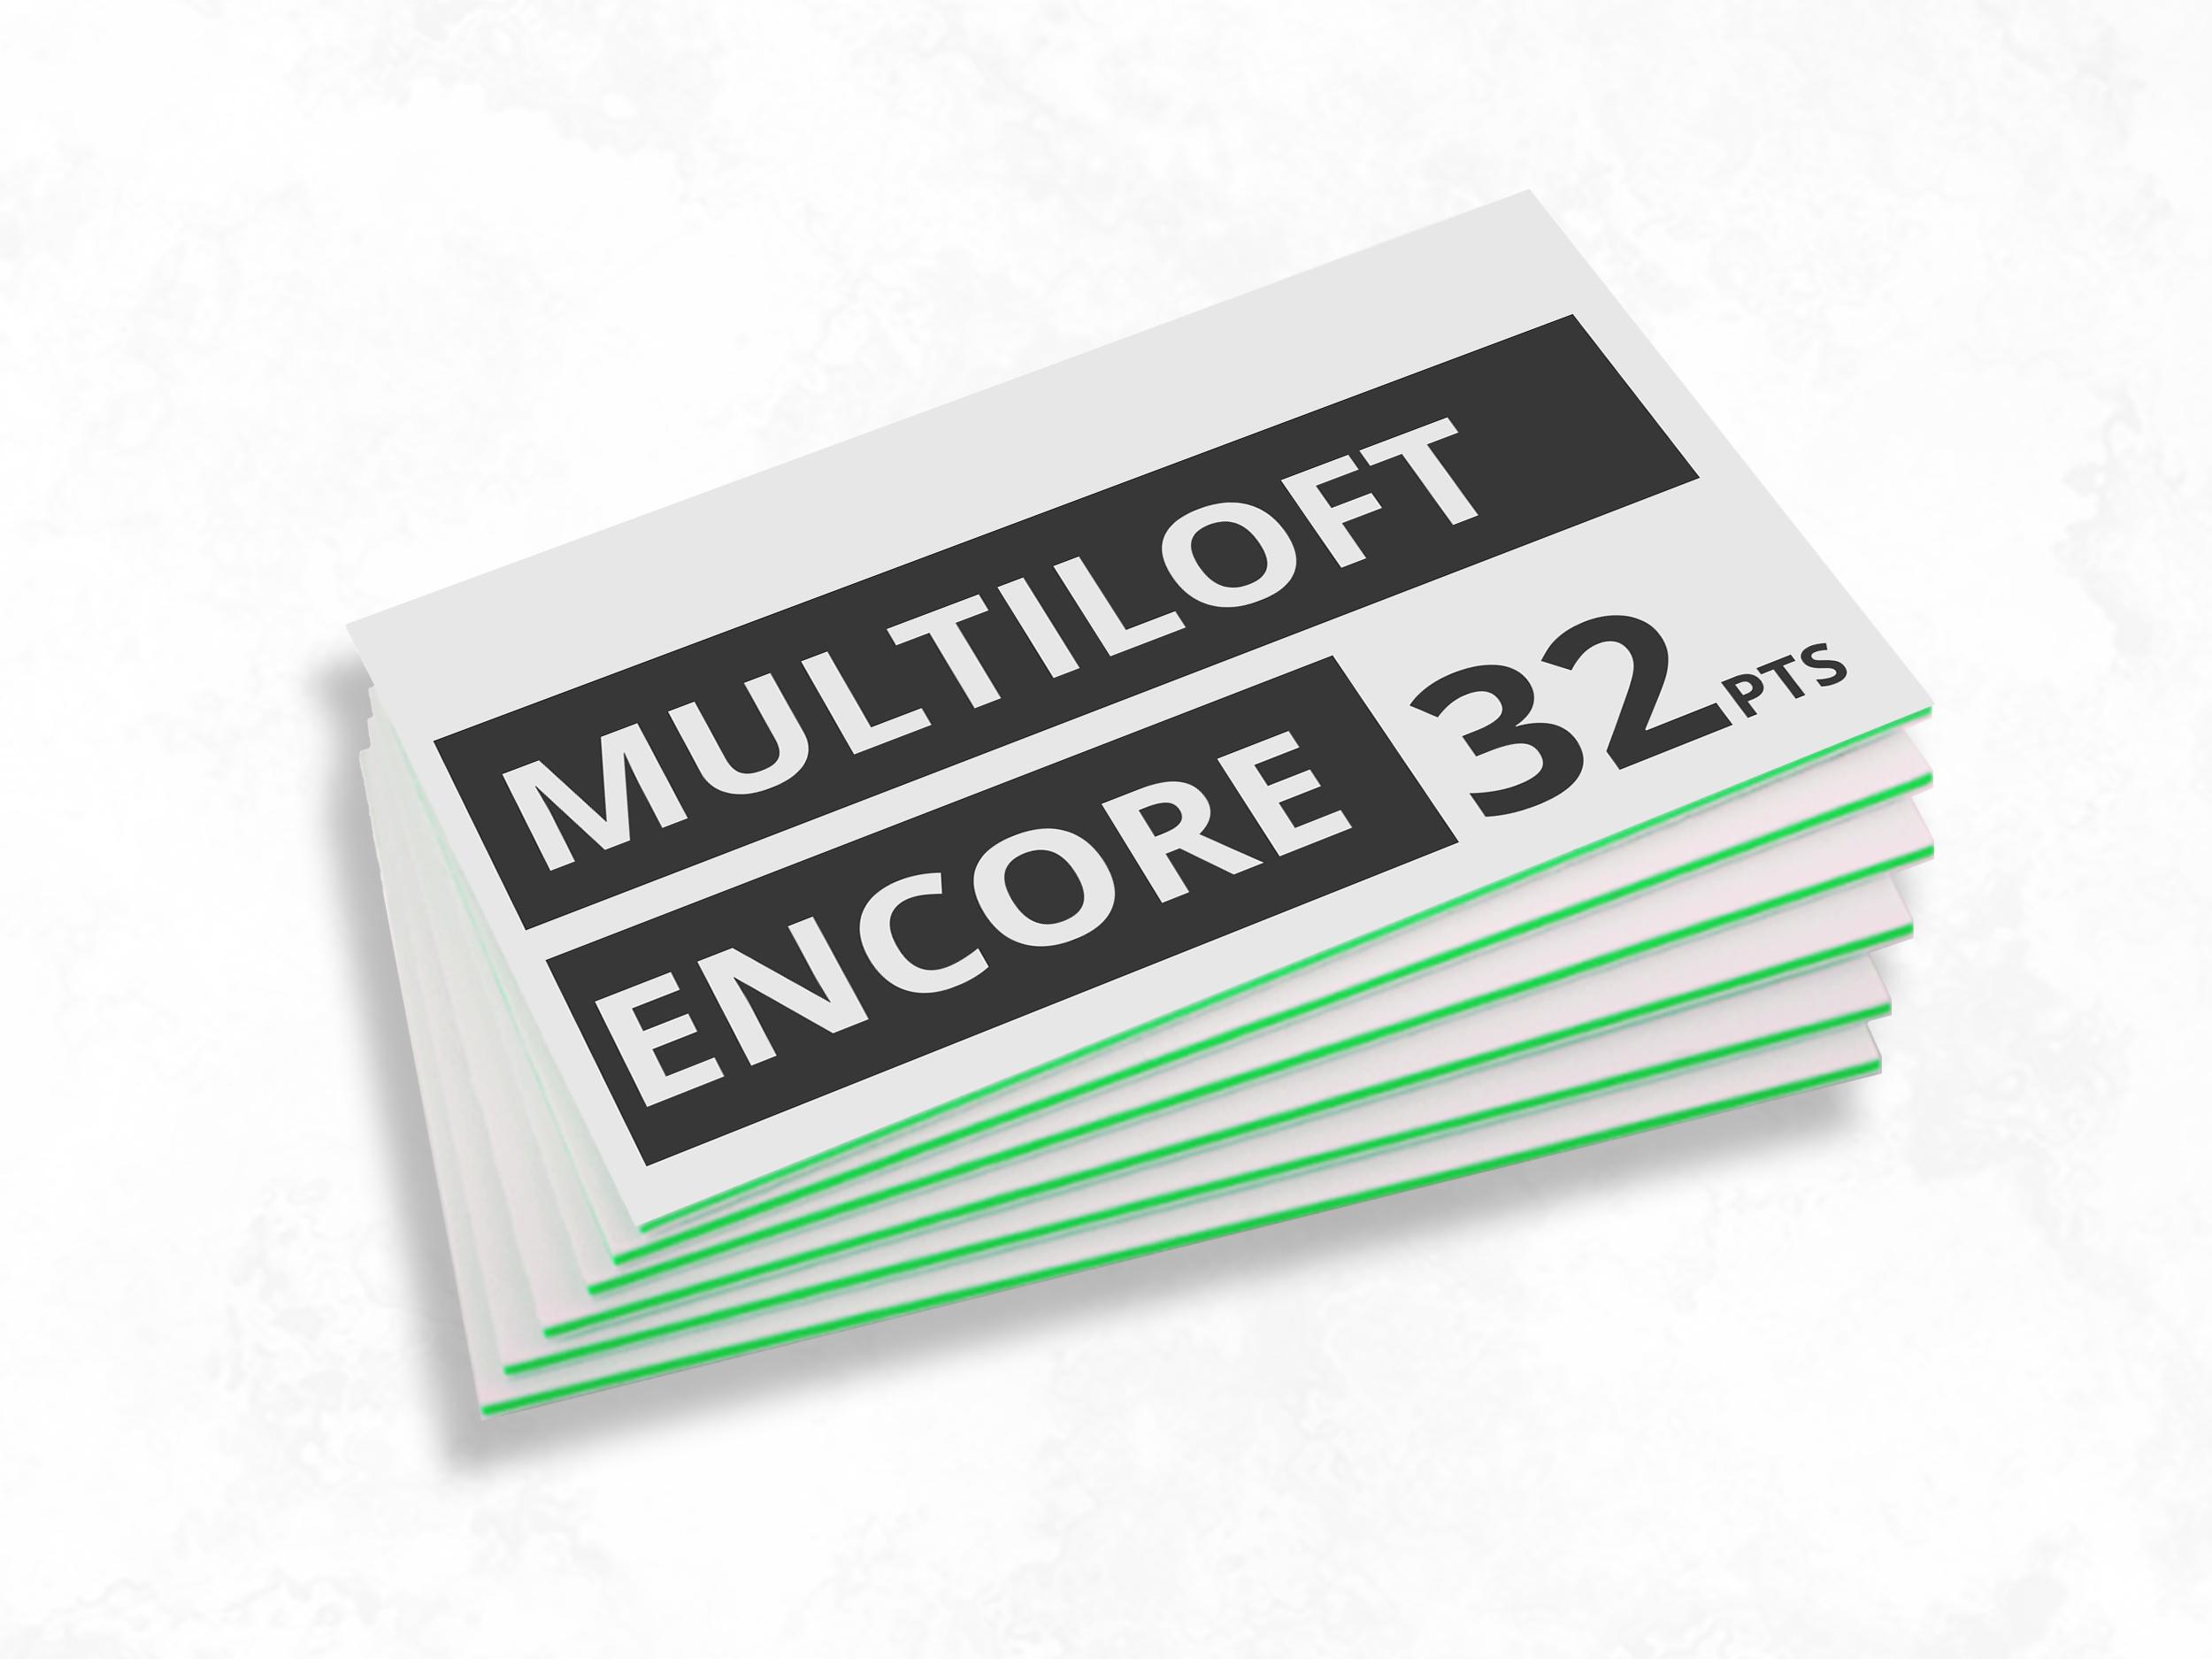 https://shop.copycatprint.com.au/images/products_gallery_images/Multiloft_32pt.jpg